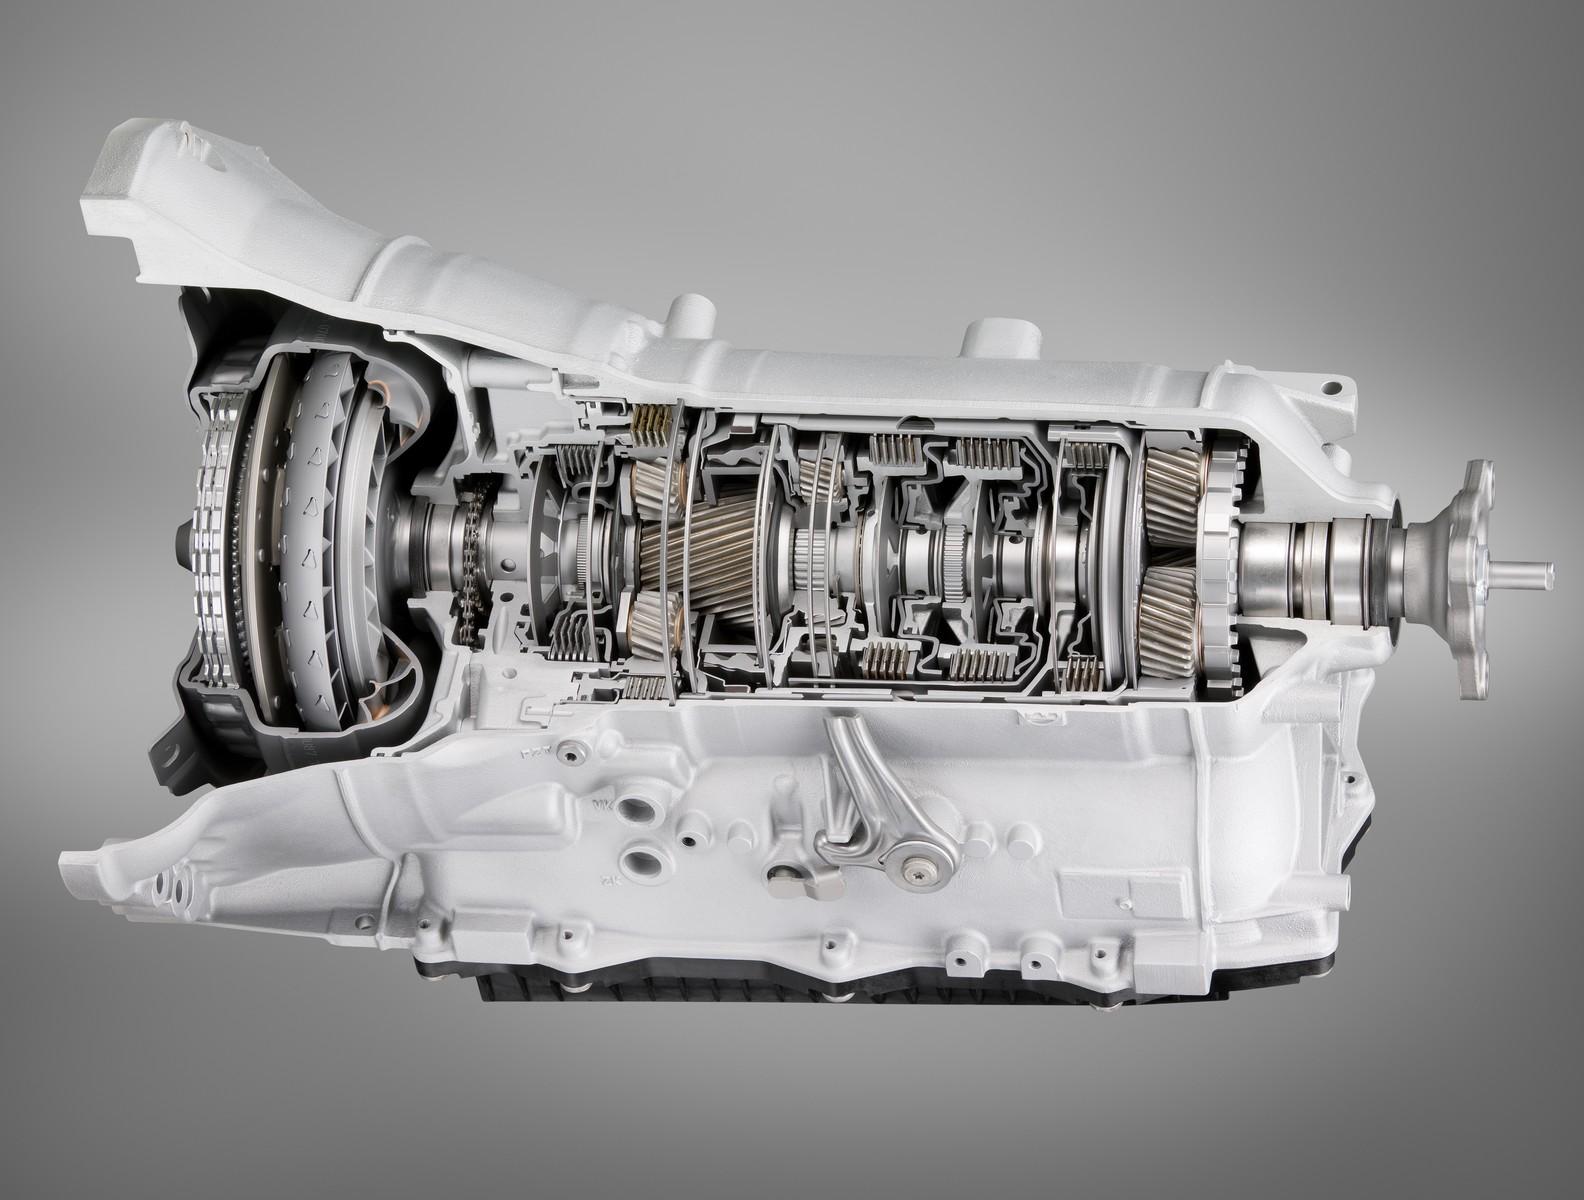 BMW-Serie-5-F10-Vidange-et-entretien-boite-automatique-2.jpg